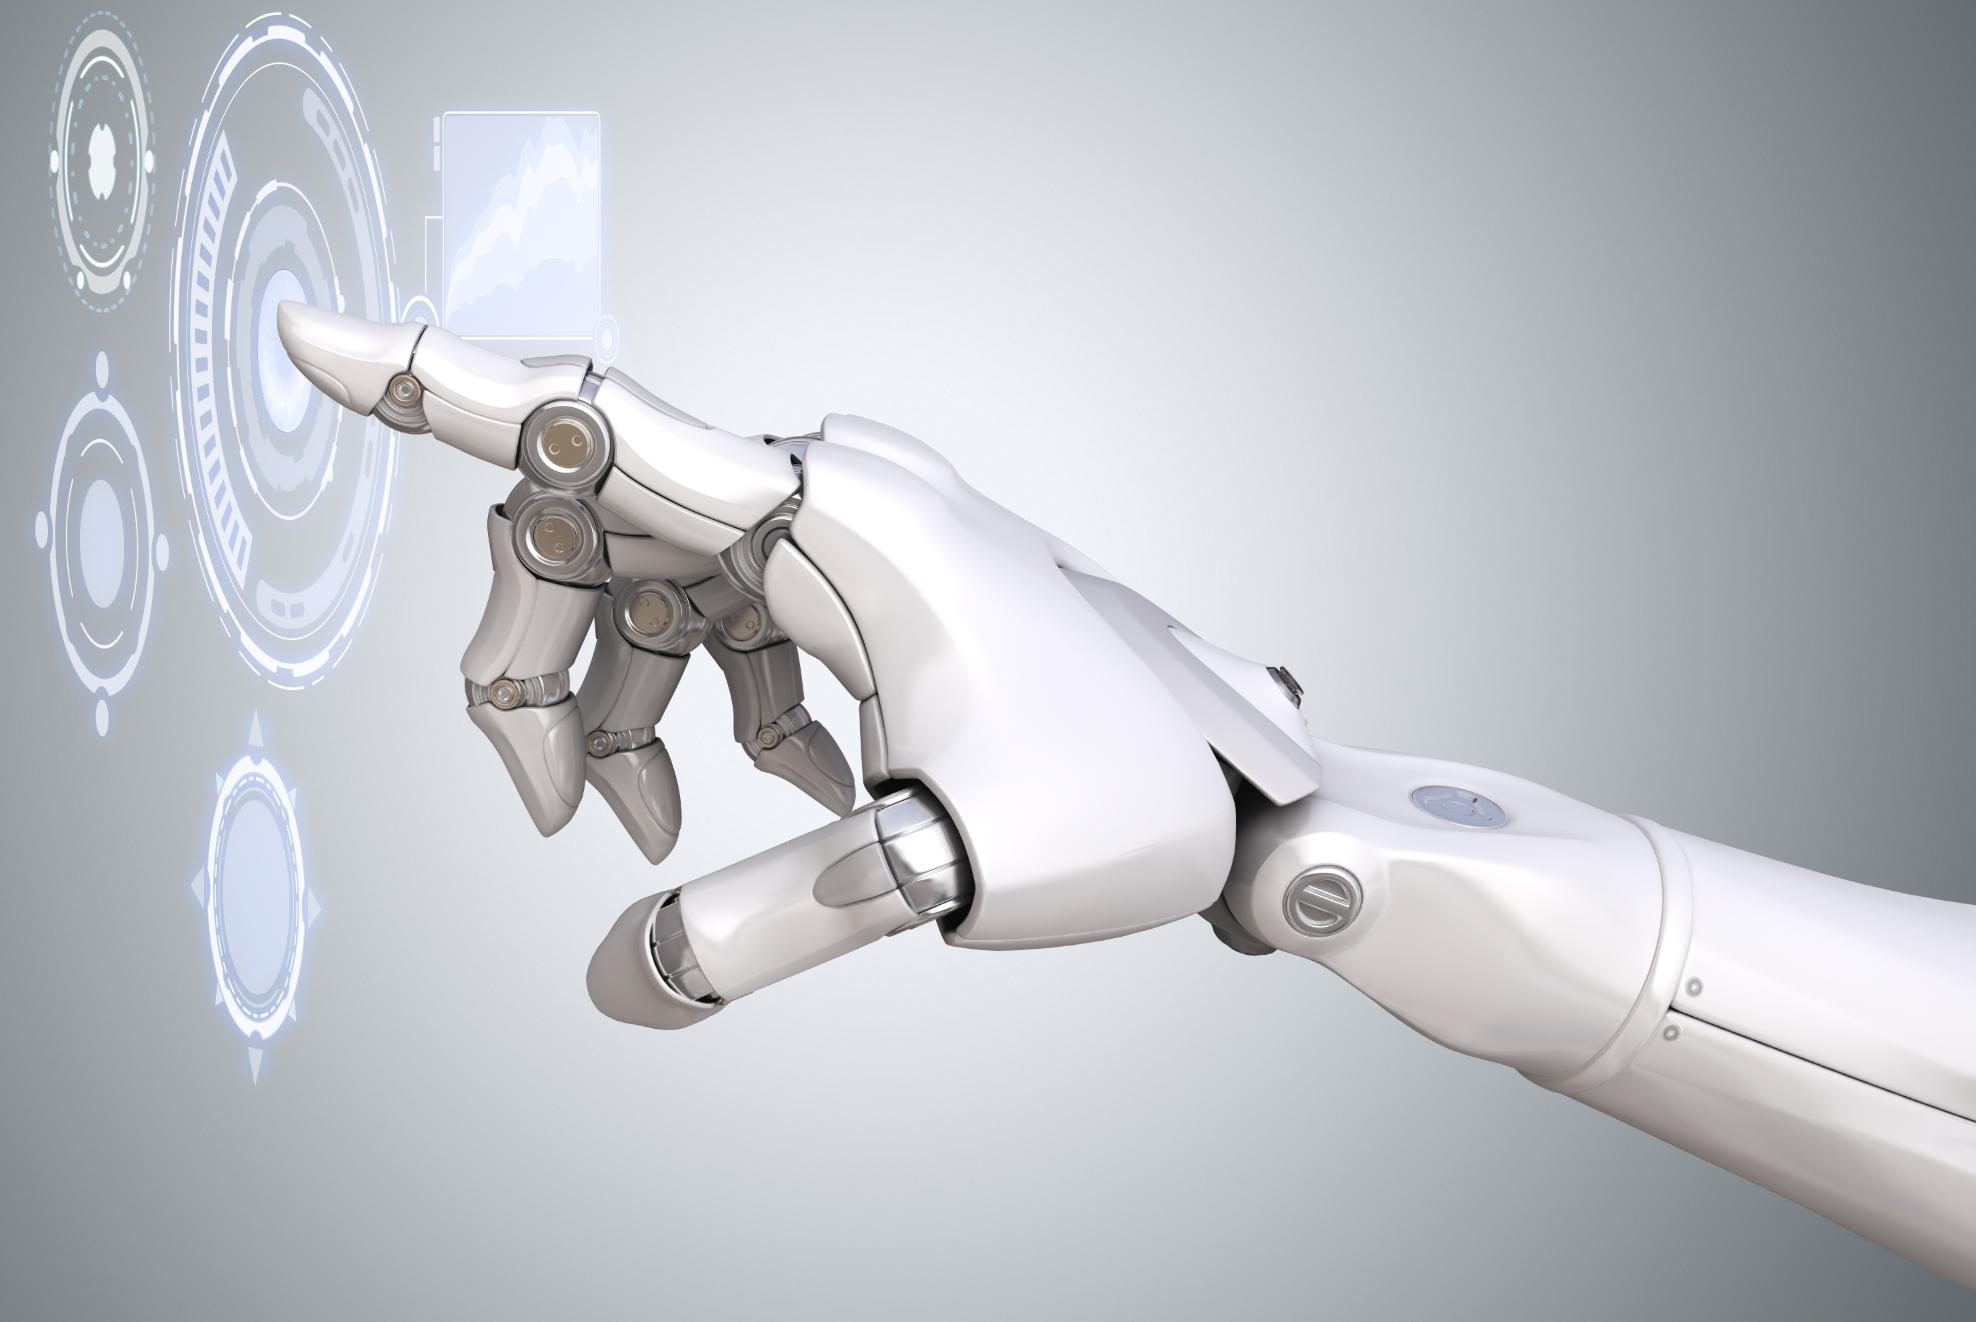 Intelligence artificielle : le PS se réjouit que le Sénat s'empare de cet enjeu majeur